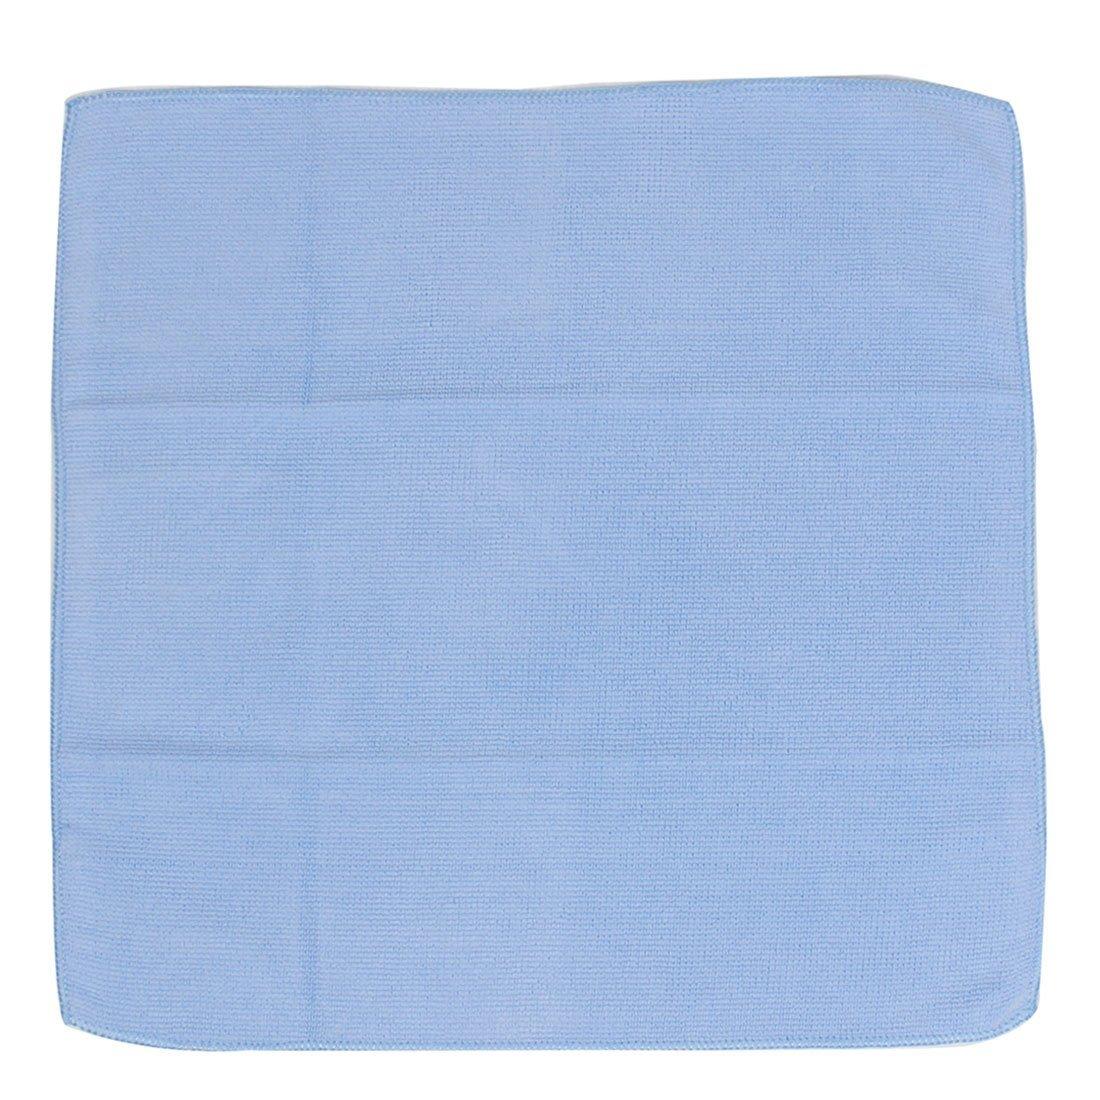 Amazon.com: eDealMax fibra de cocina Tazón de limpieza toallas de Tela limpiador 40 x 40 cm Azul: Health & Personal Care